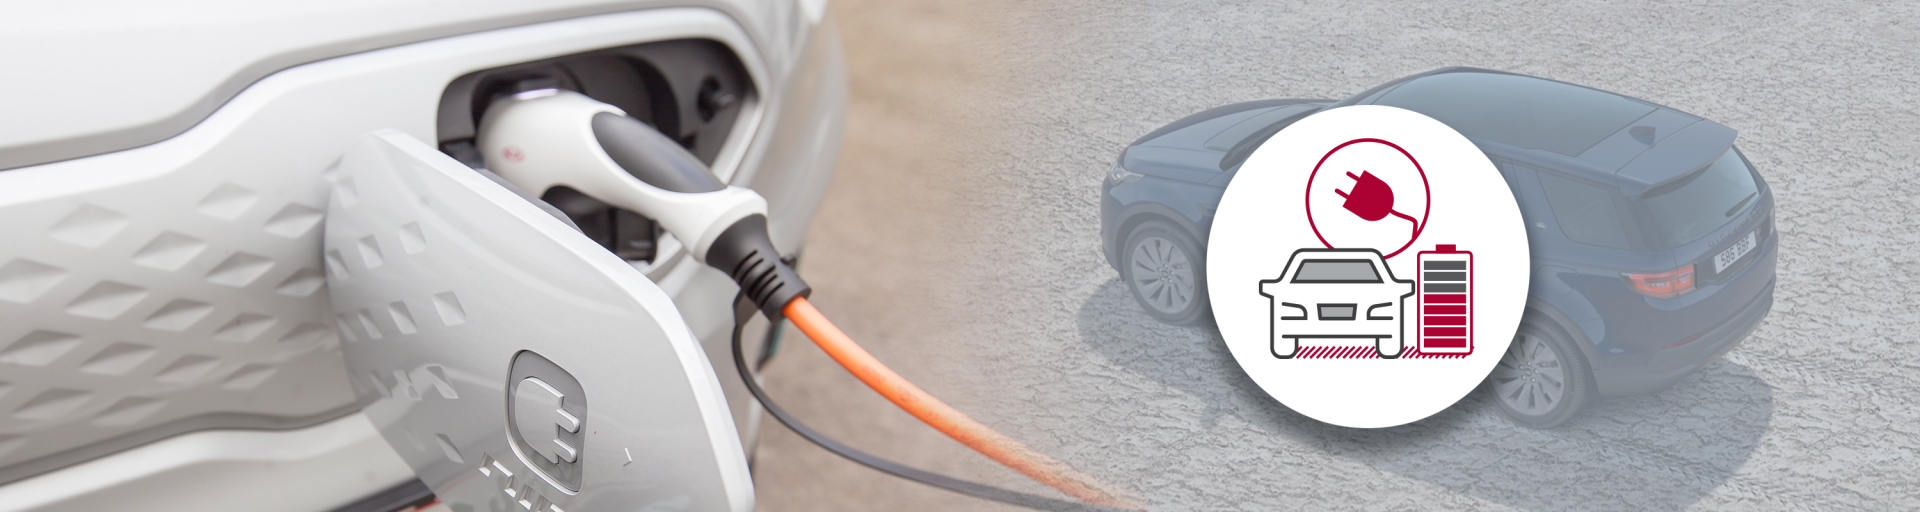 E-Foerderung der E- und Plug-in-Hybridautos bei AUTO STAHL